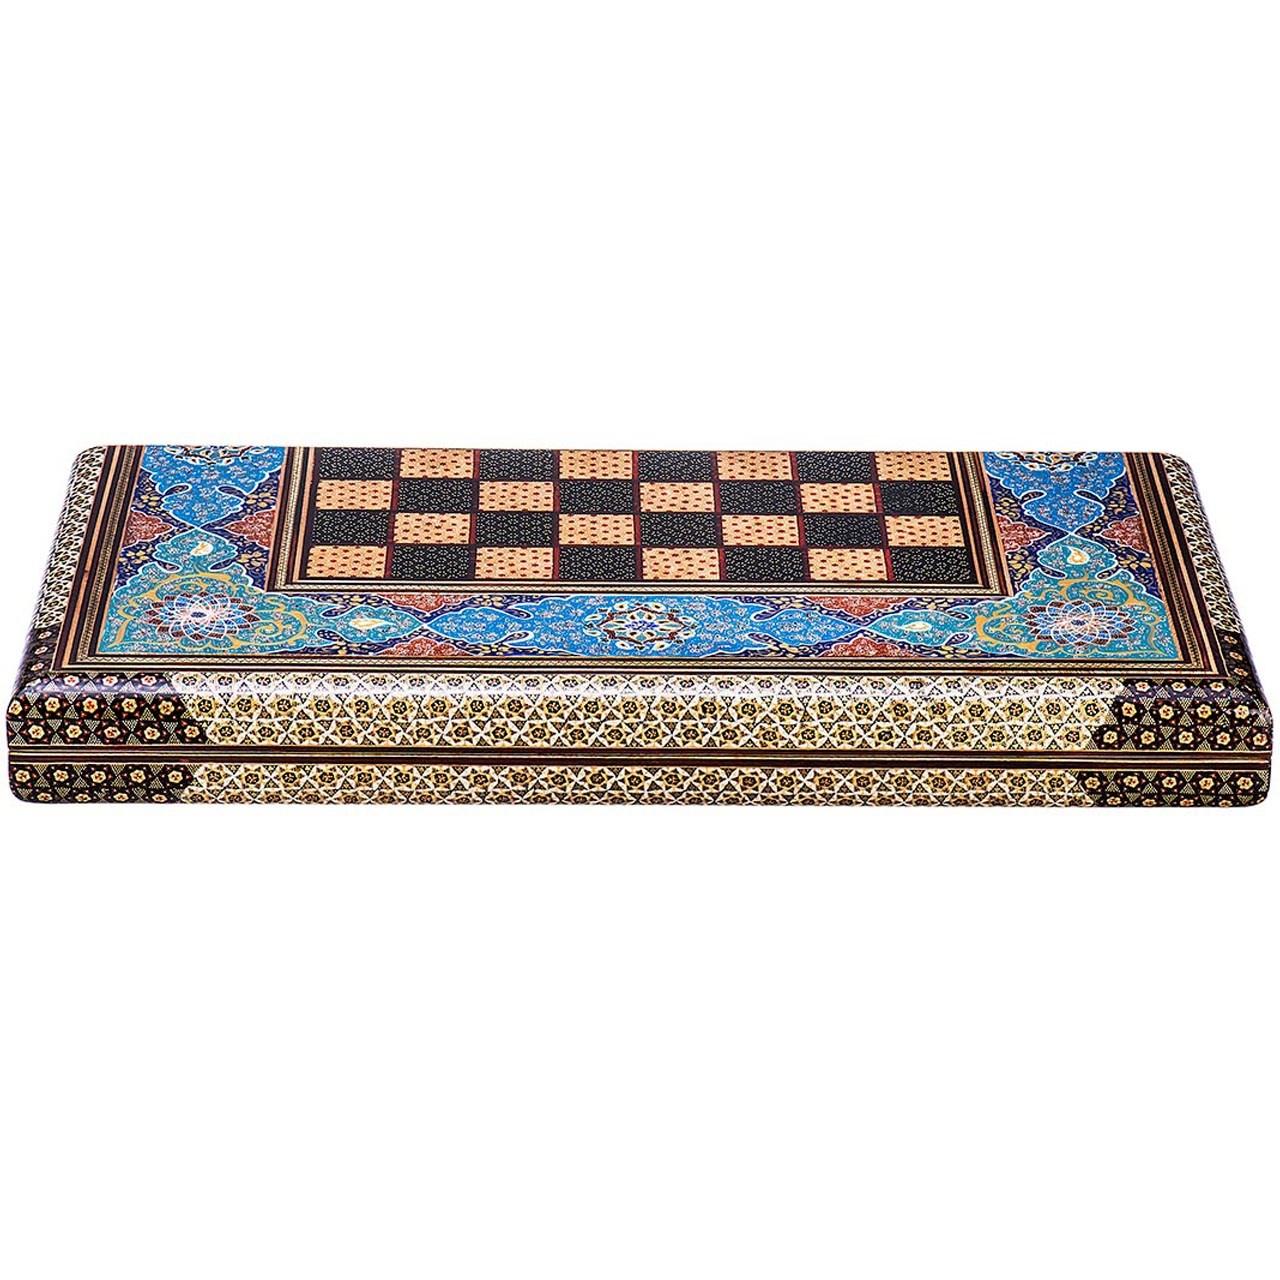 صفحه شطرنج خاتم اثر کروبی مدل لبه گرد طرح تذهیب طول 50 سانتی متر